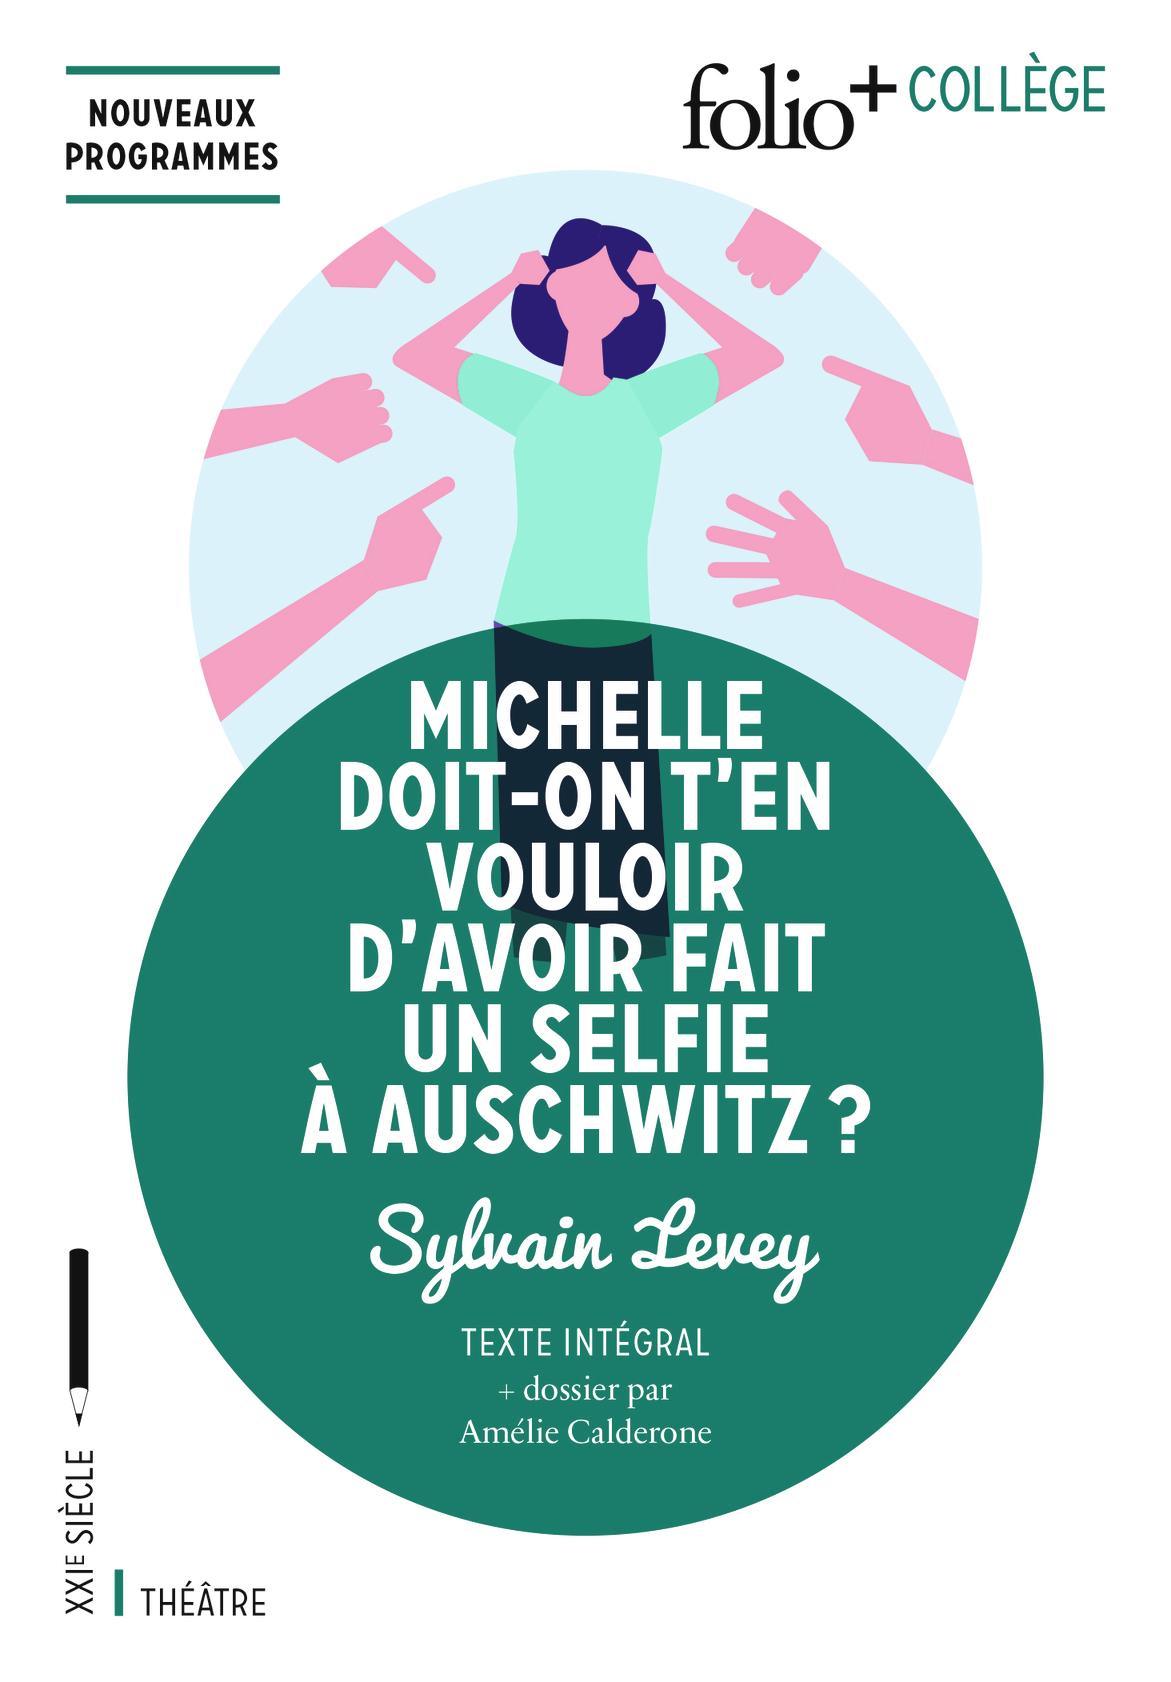 MICHELLE DOIT-ON T'EN VOULOIR D'AVOIR FAIT UN SELFIE A AUSCHWITZ ?